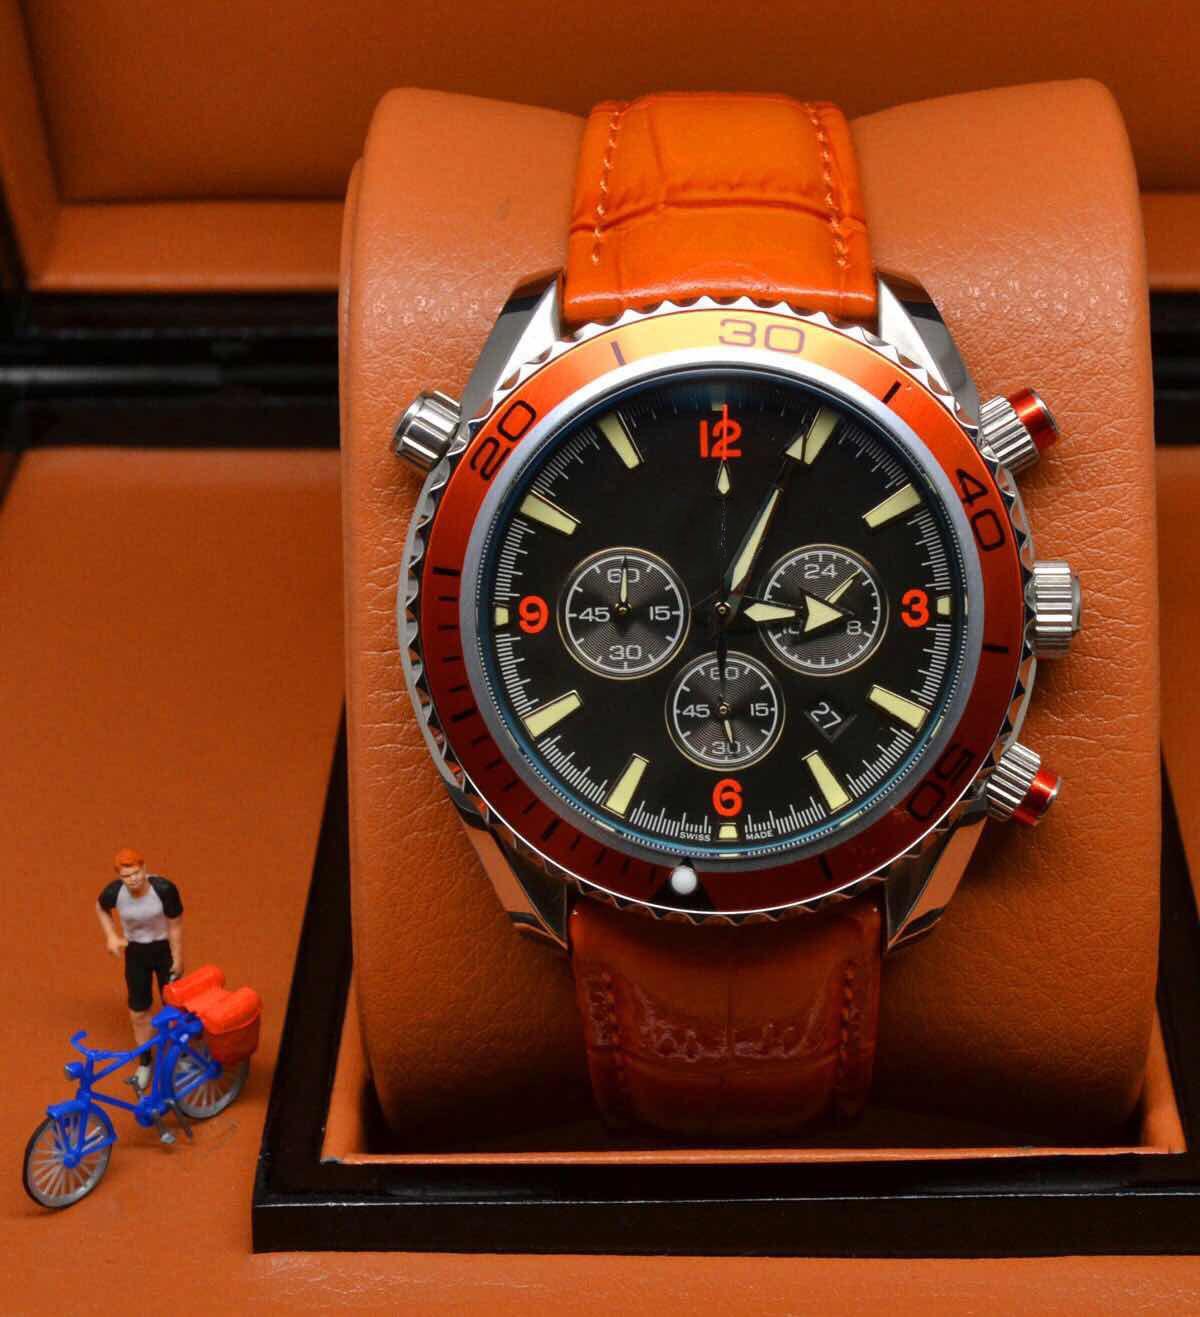 Big Discount Sports Chronographe Limited Montre Orange Bezel Noir Molette Quartz Prestronomique Dive Montre-Bracelet Pliant Arrêter des Hommes Montres